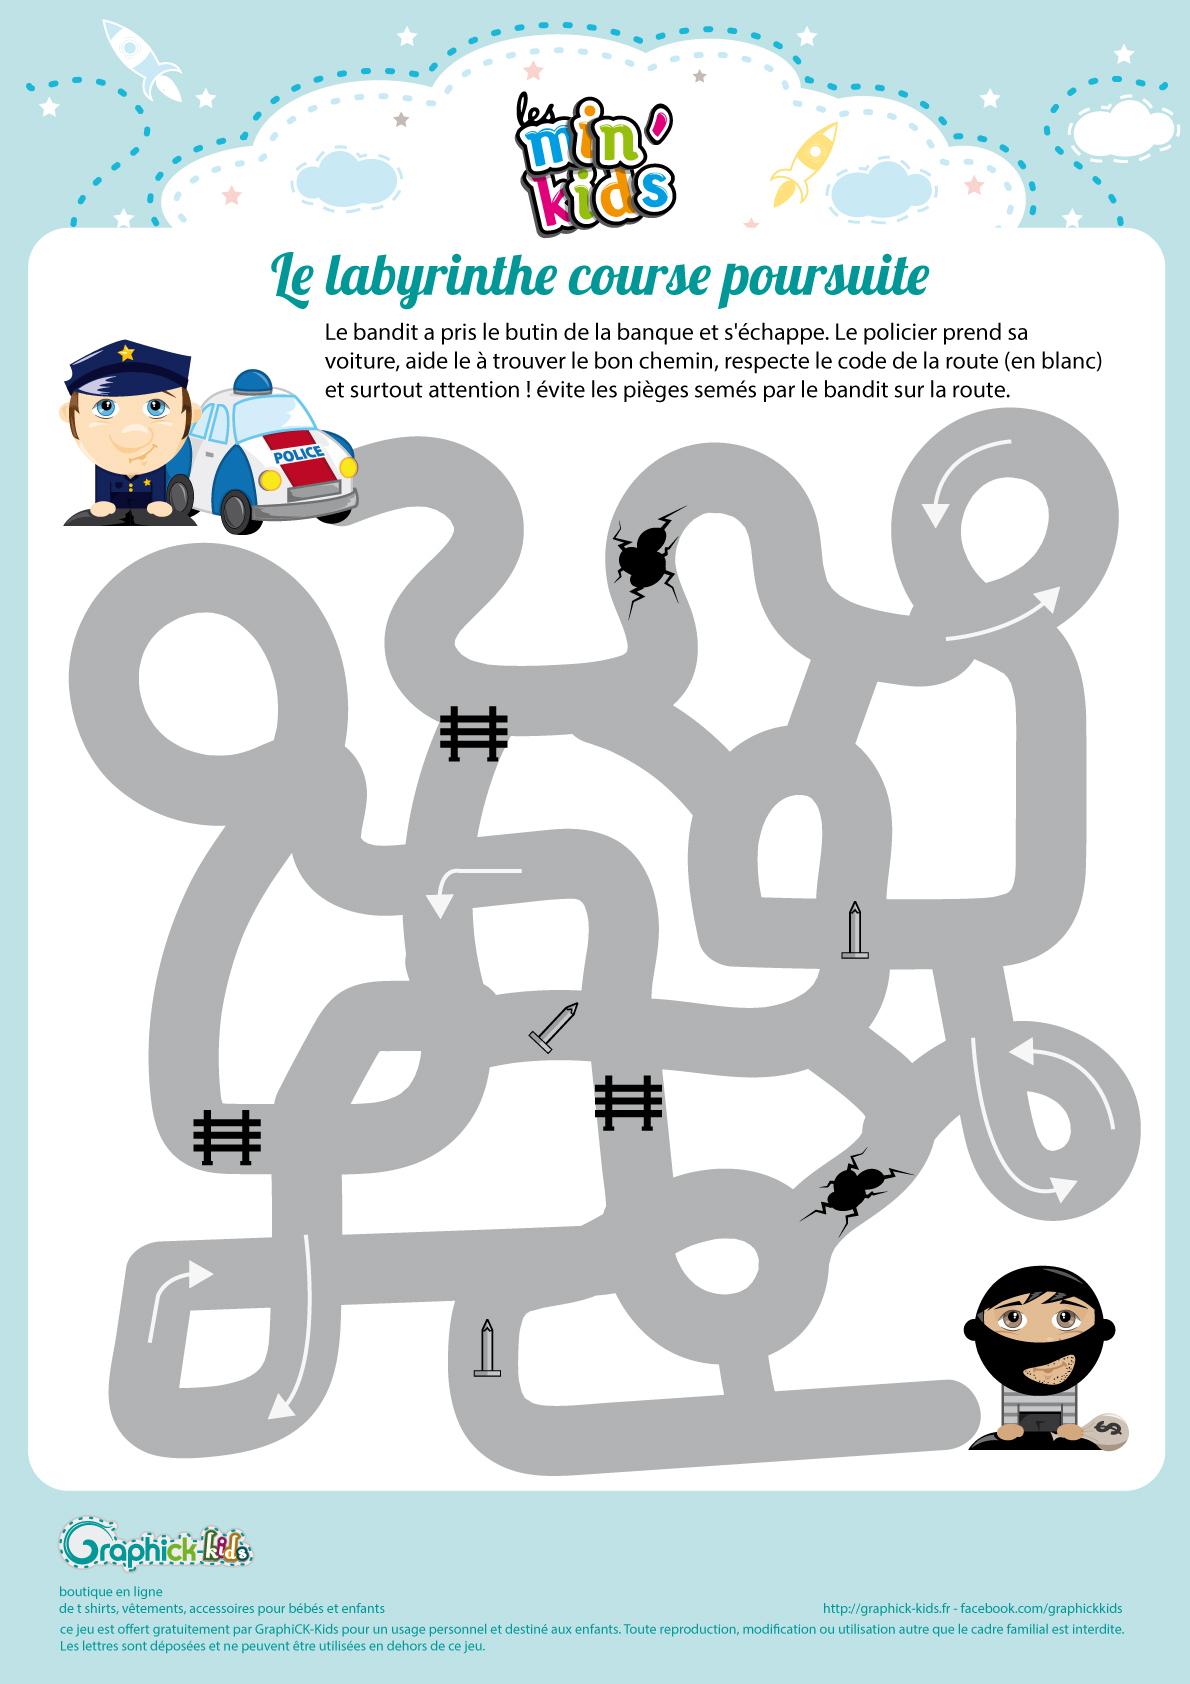 L'activité Du Mercredi : Le Labyrinthe Course Poursuite avec Jeux Enfant Gratuit En Ligne